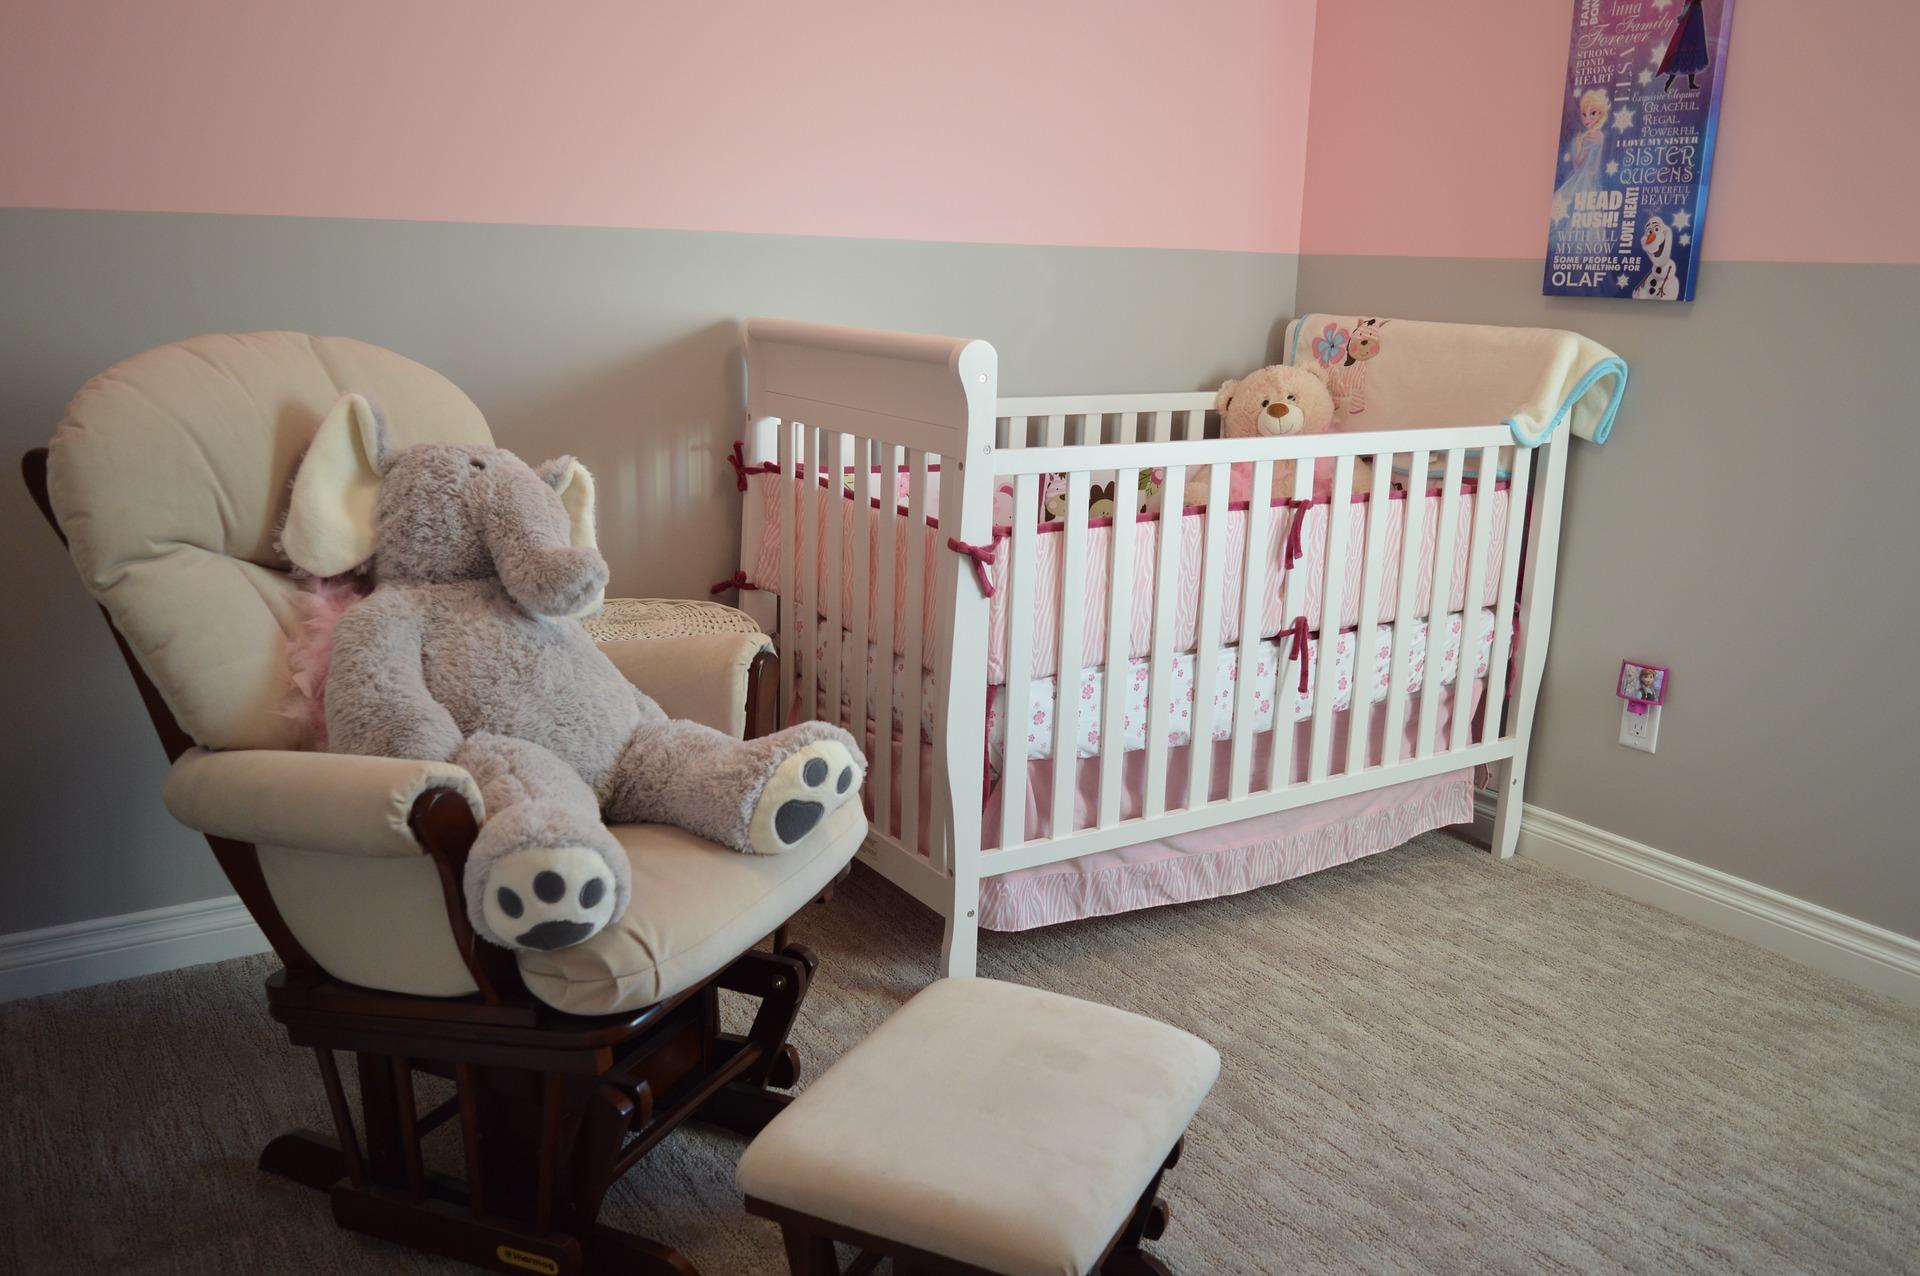 Mi szükséges a babaszobába?